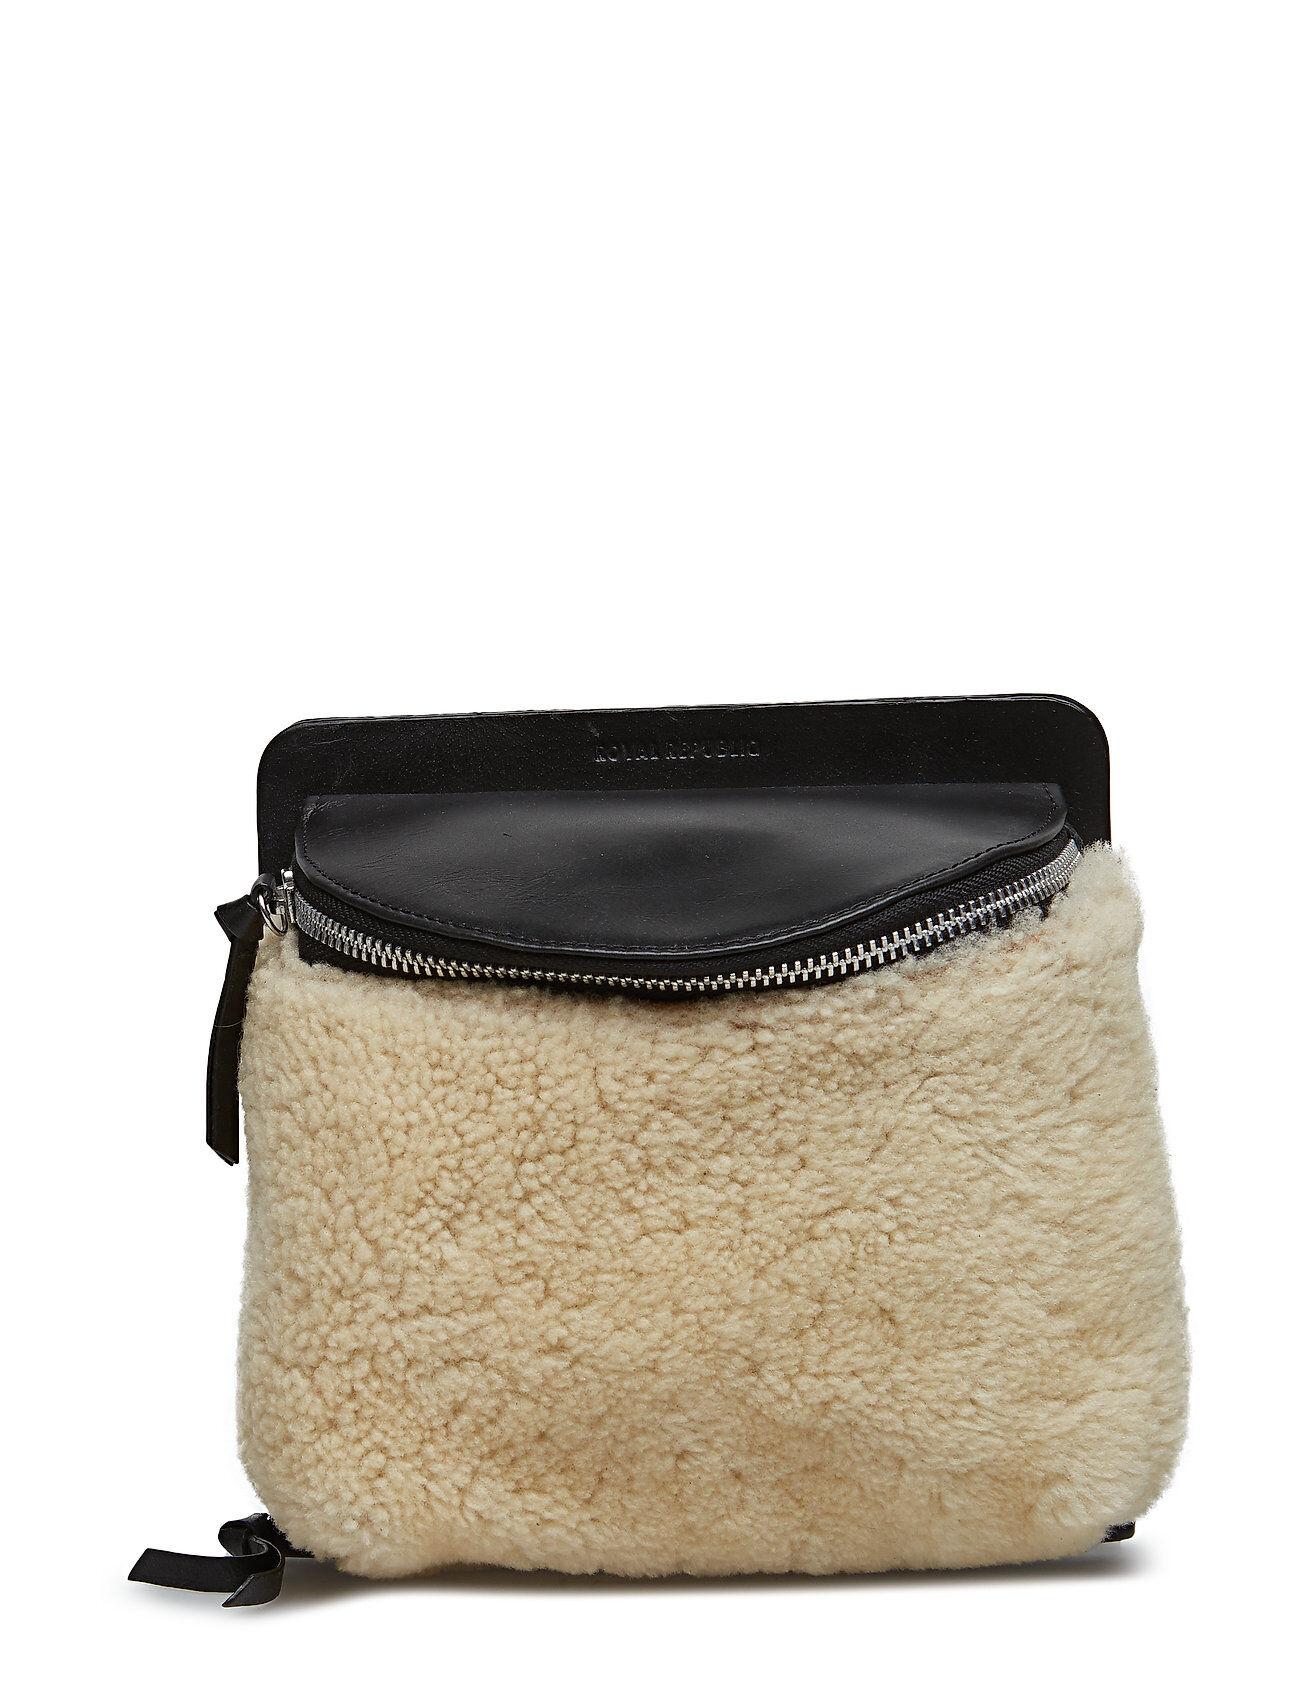 Royal RepubliQ Vertigo Shearling Evening Bag Natural